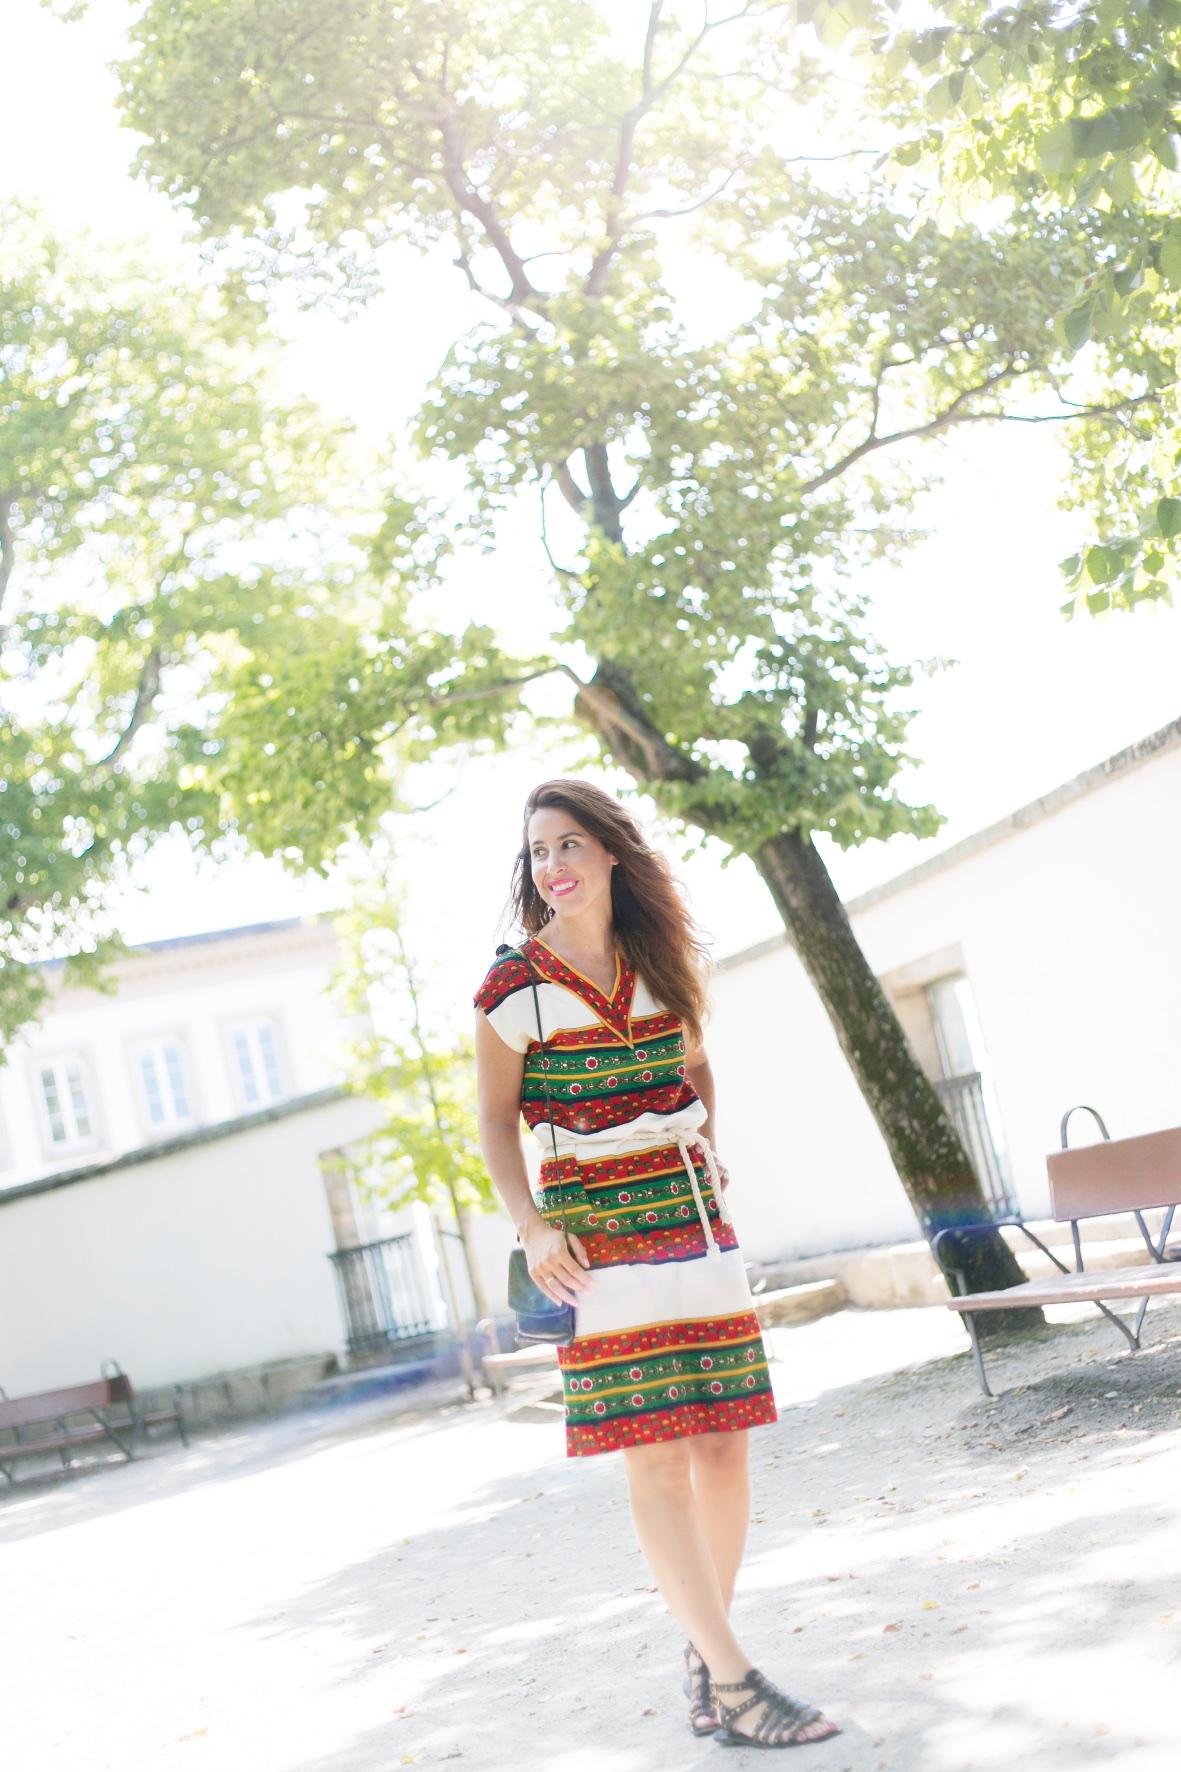 moda-calle-vintage-vestido-coruña-descalzaporelparque-streetstyle